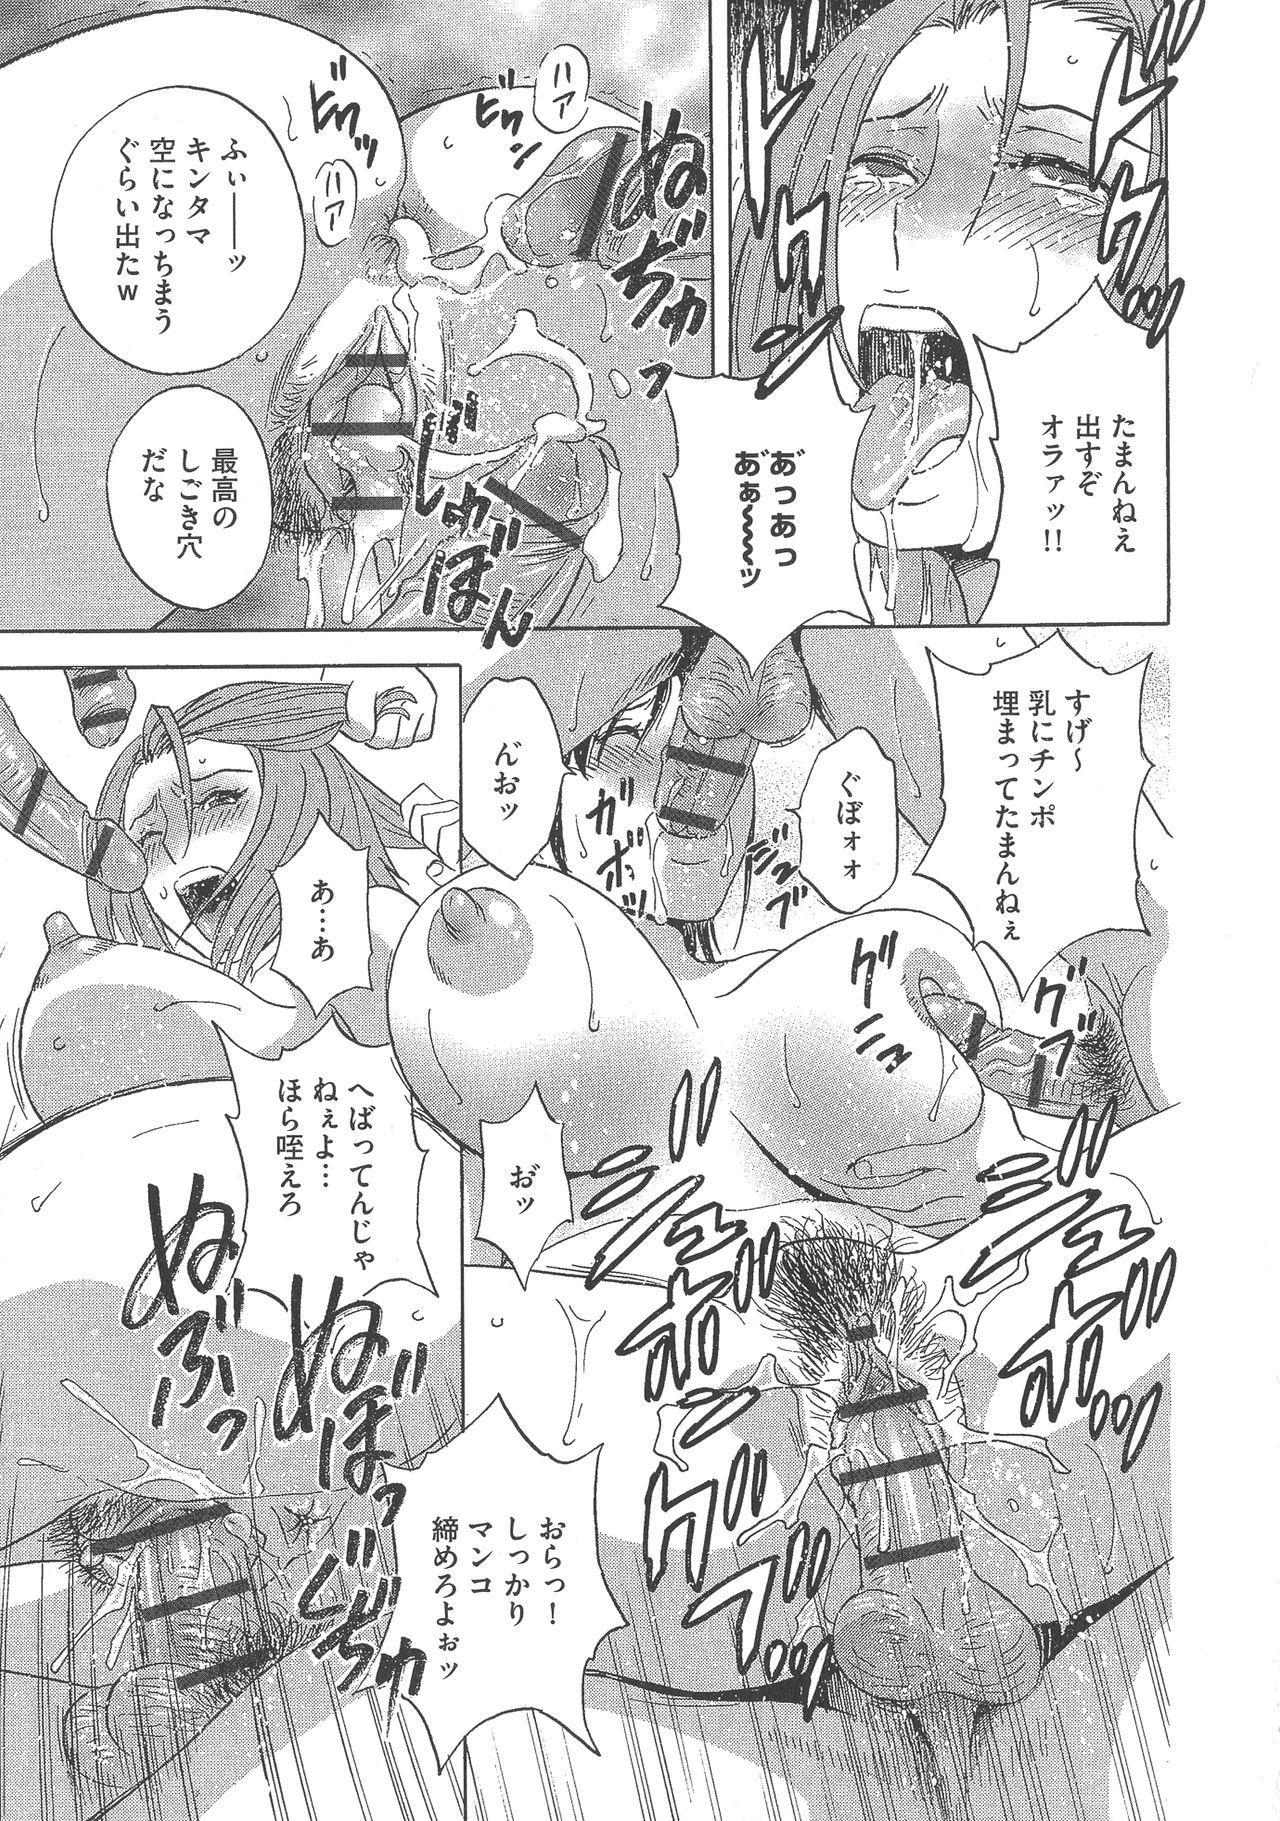 Chijoku ni Modaeru Haha no Chichi… 102